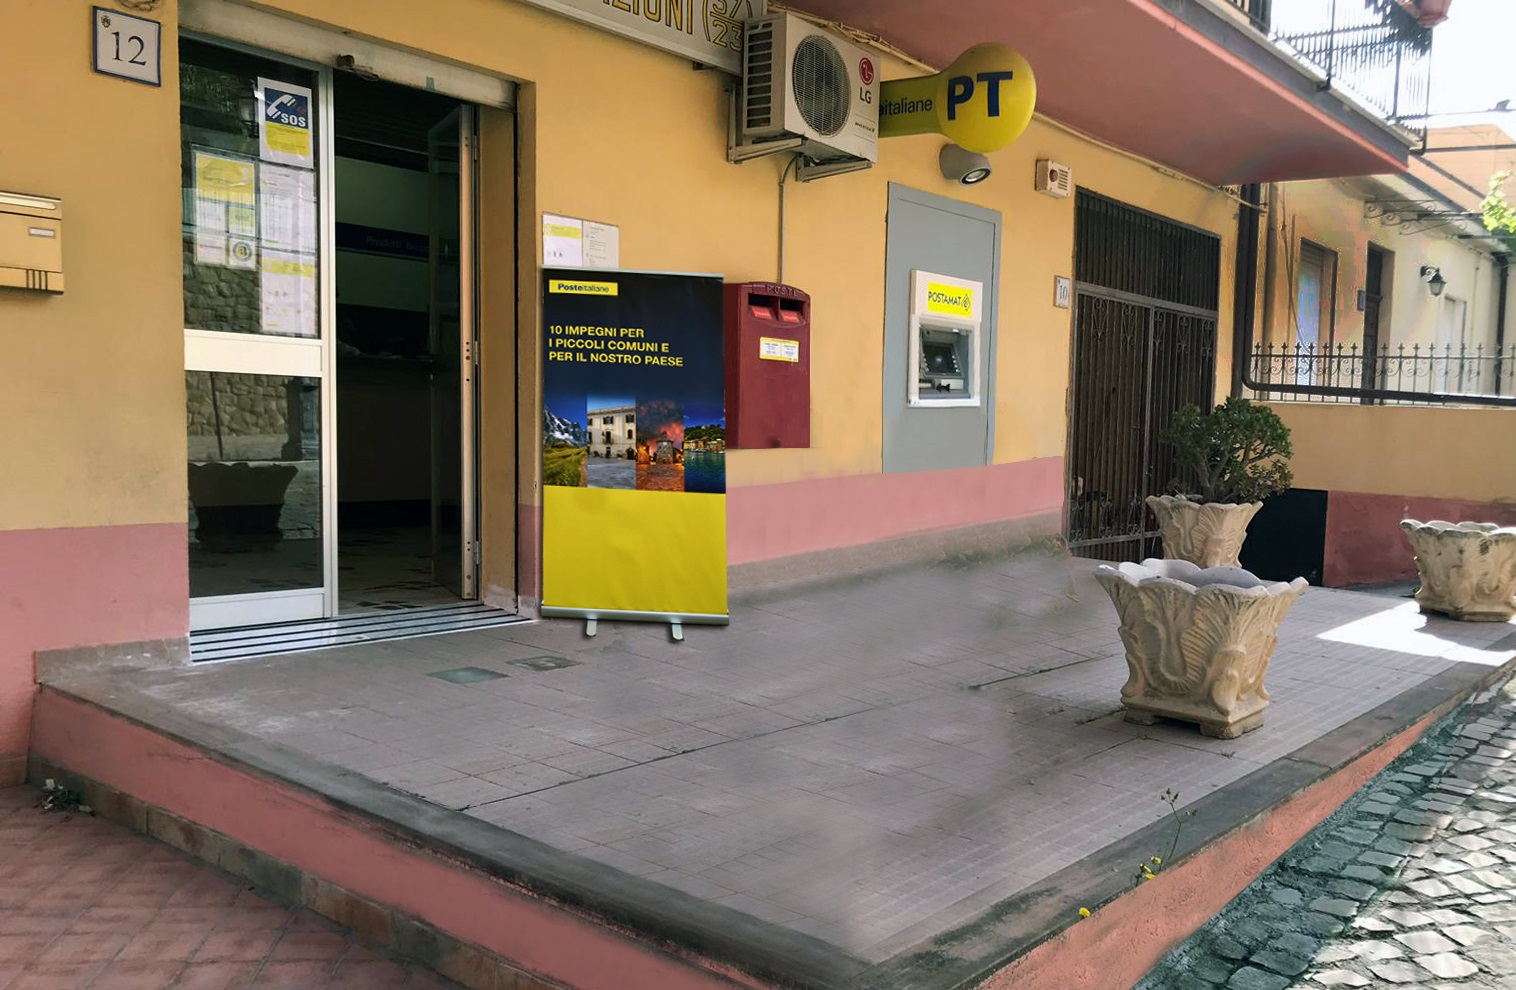 Poste italiane completa abbattimento barriere architettoniche